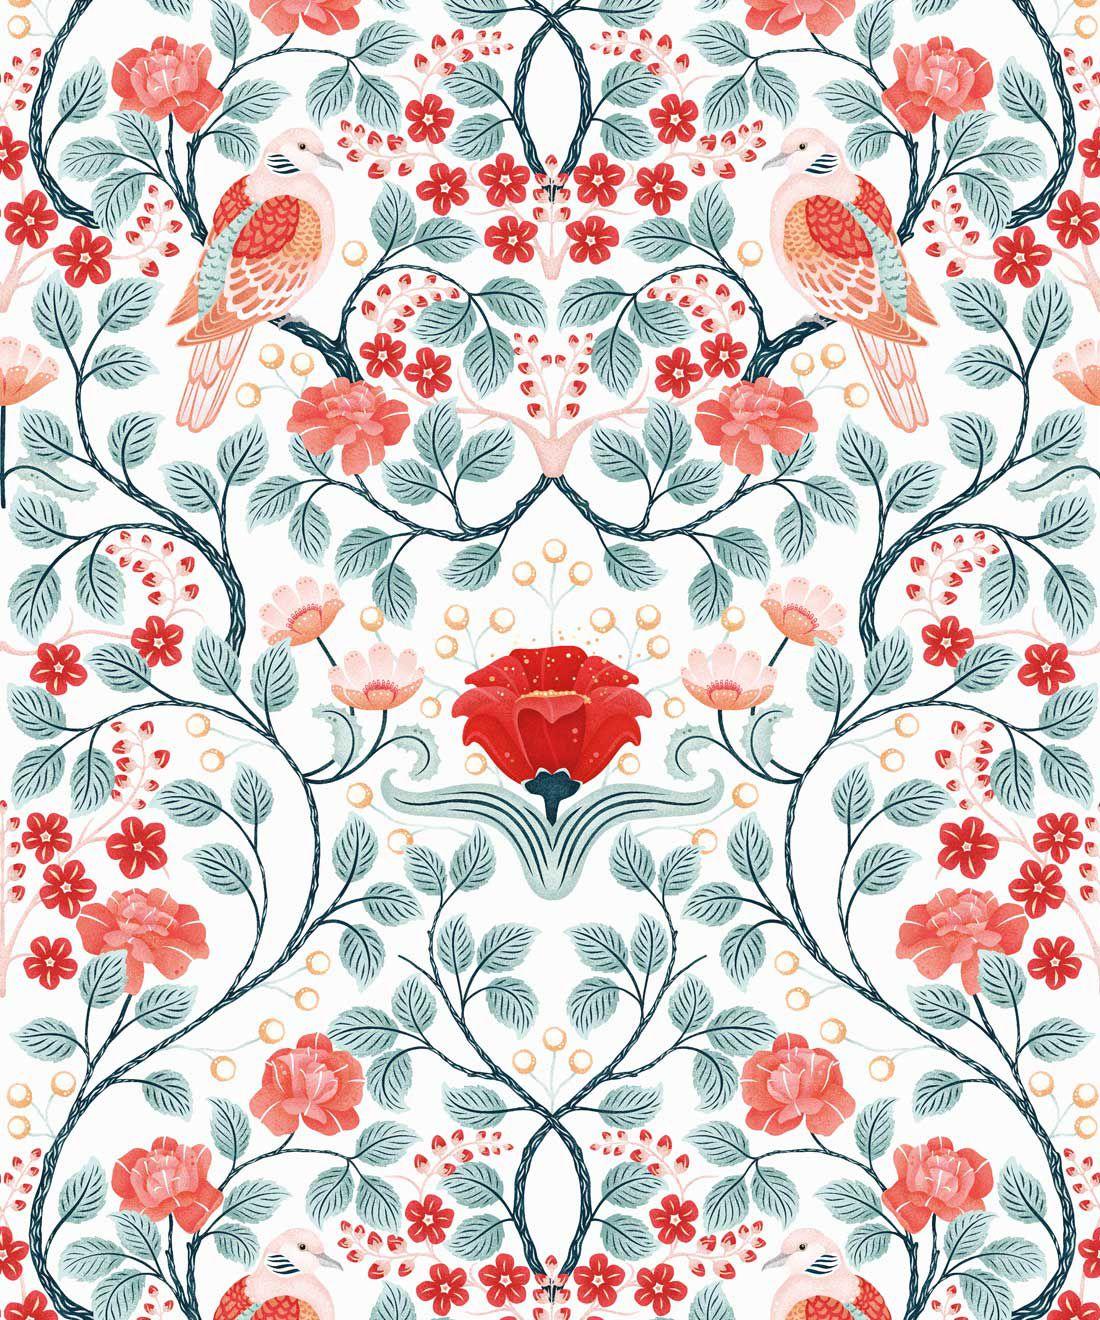 Turtle Doves Wallpaper